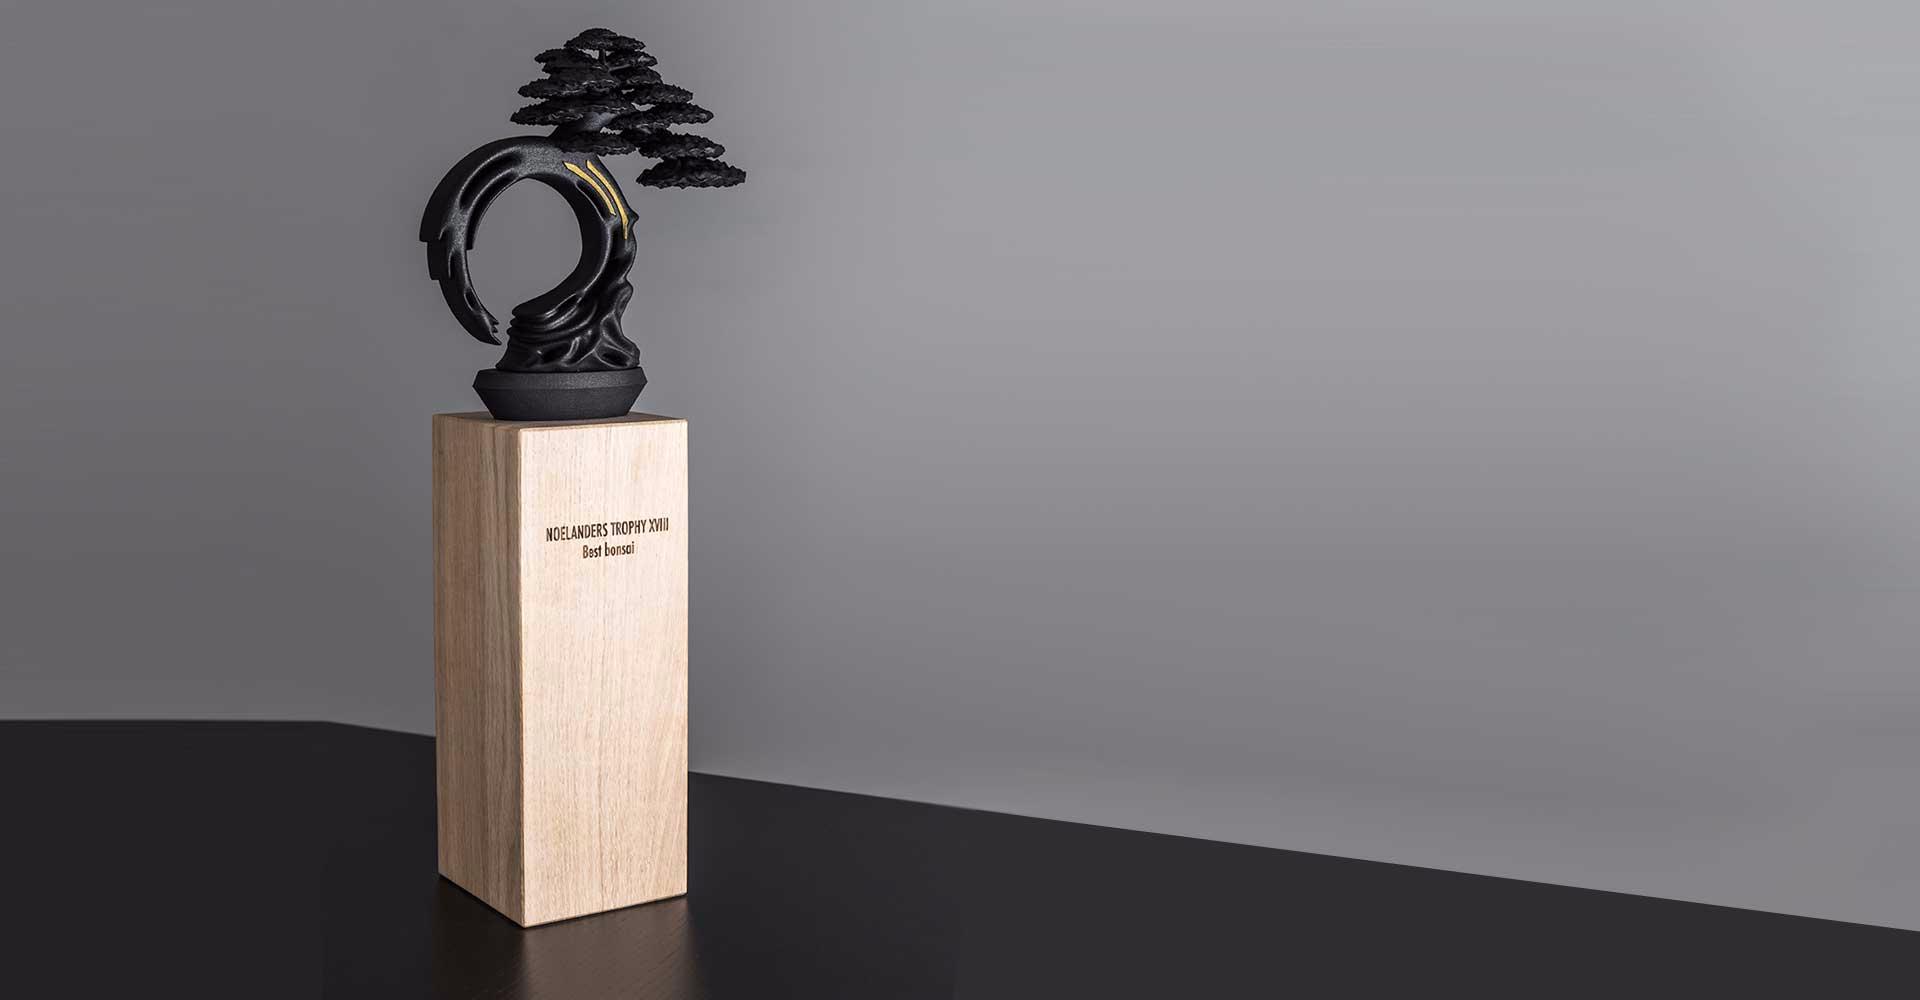 Awards_3Dprinted